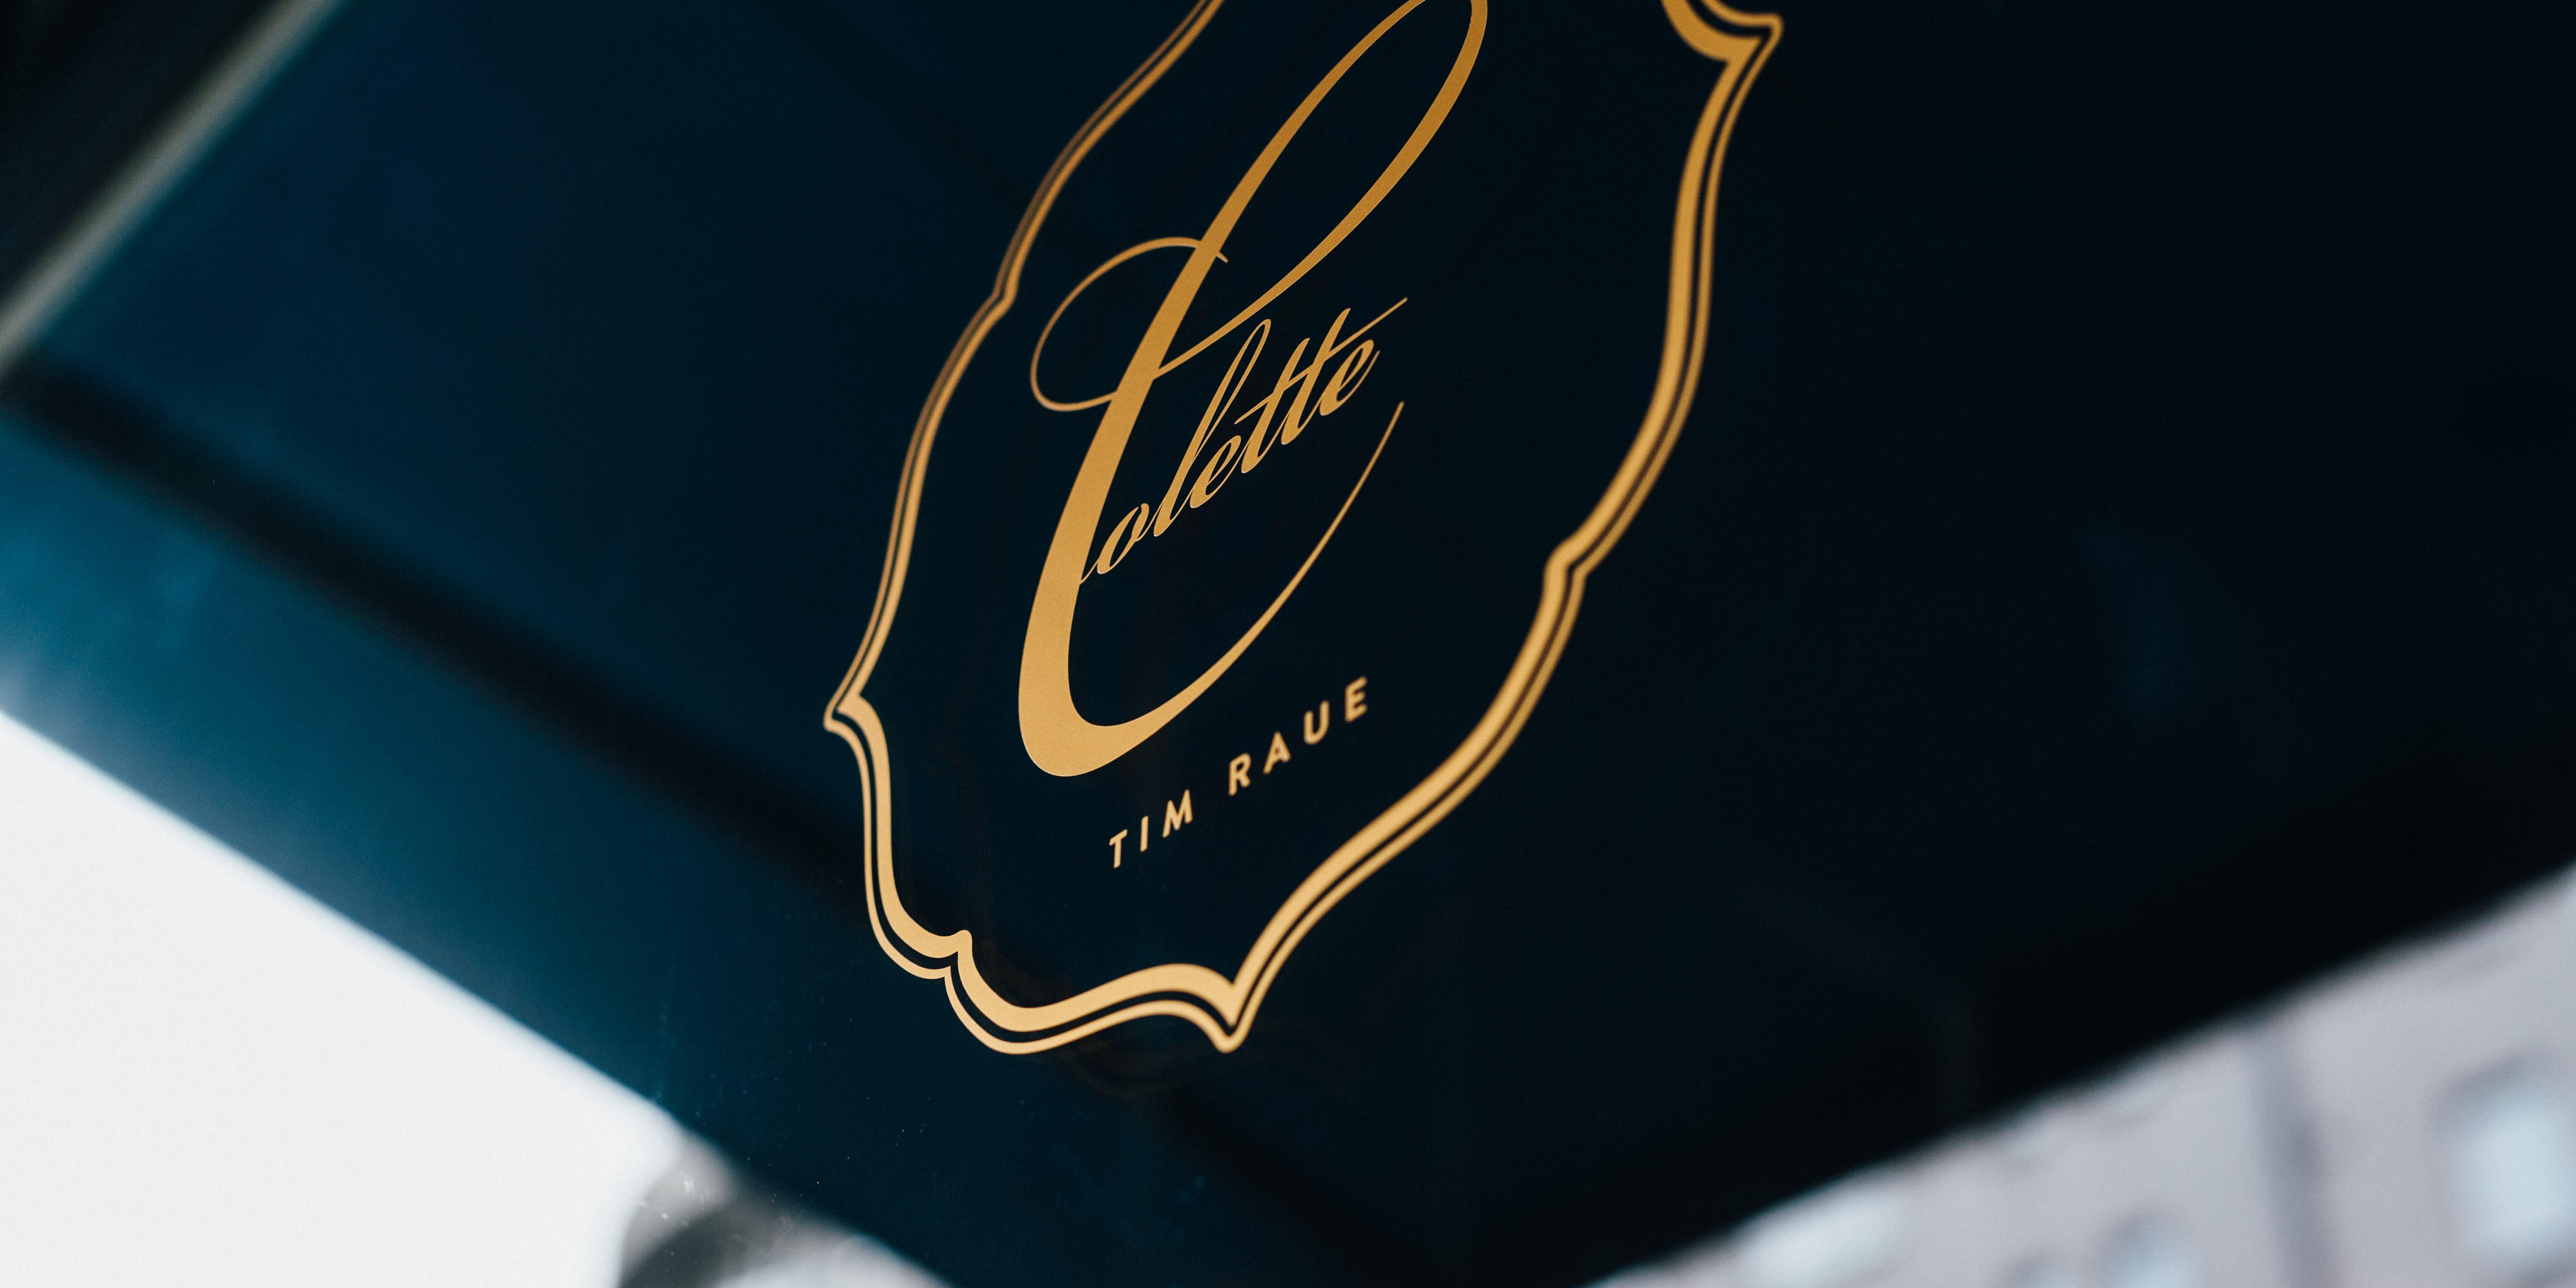 Brasserie Colette Tim Raue - Logo vor Französischem Restaurant